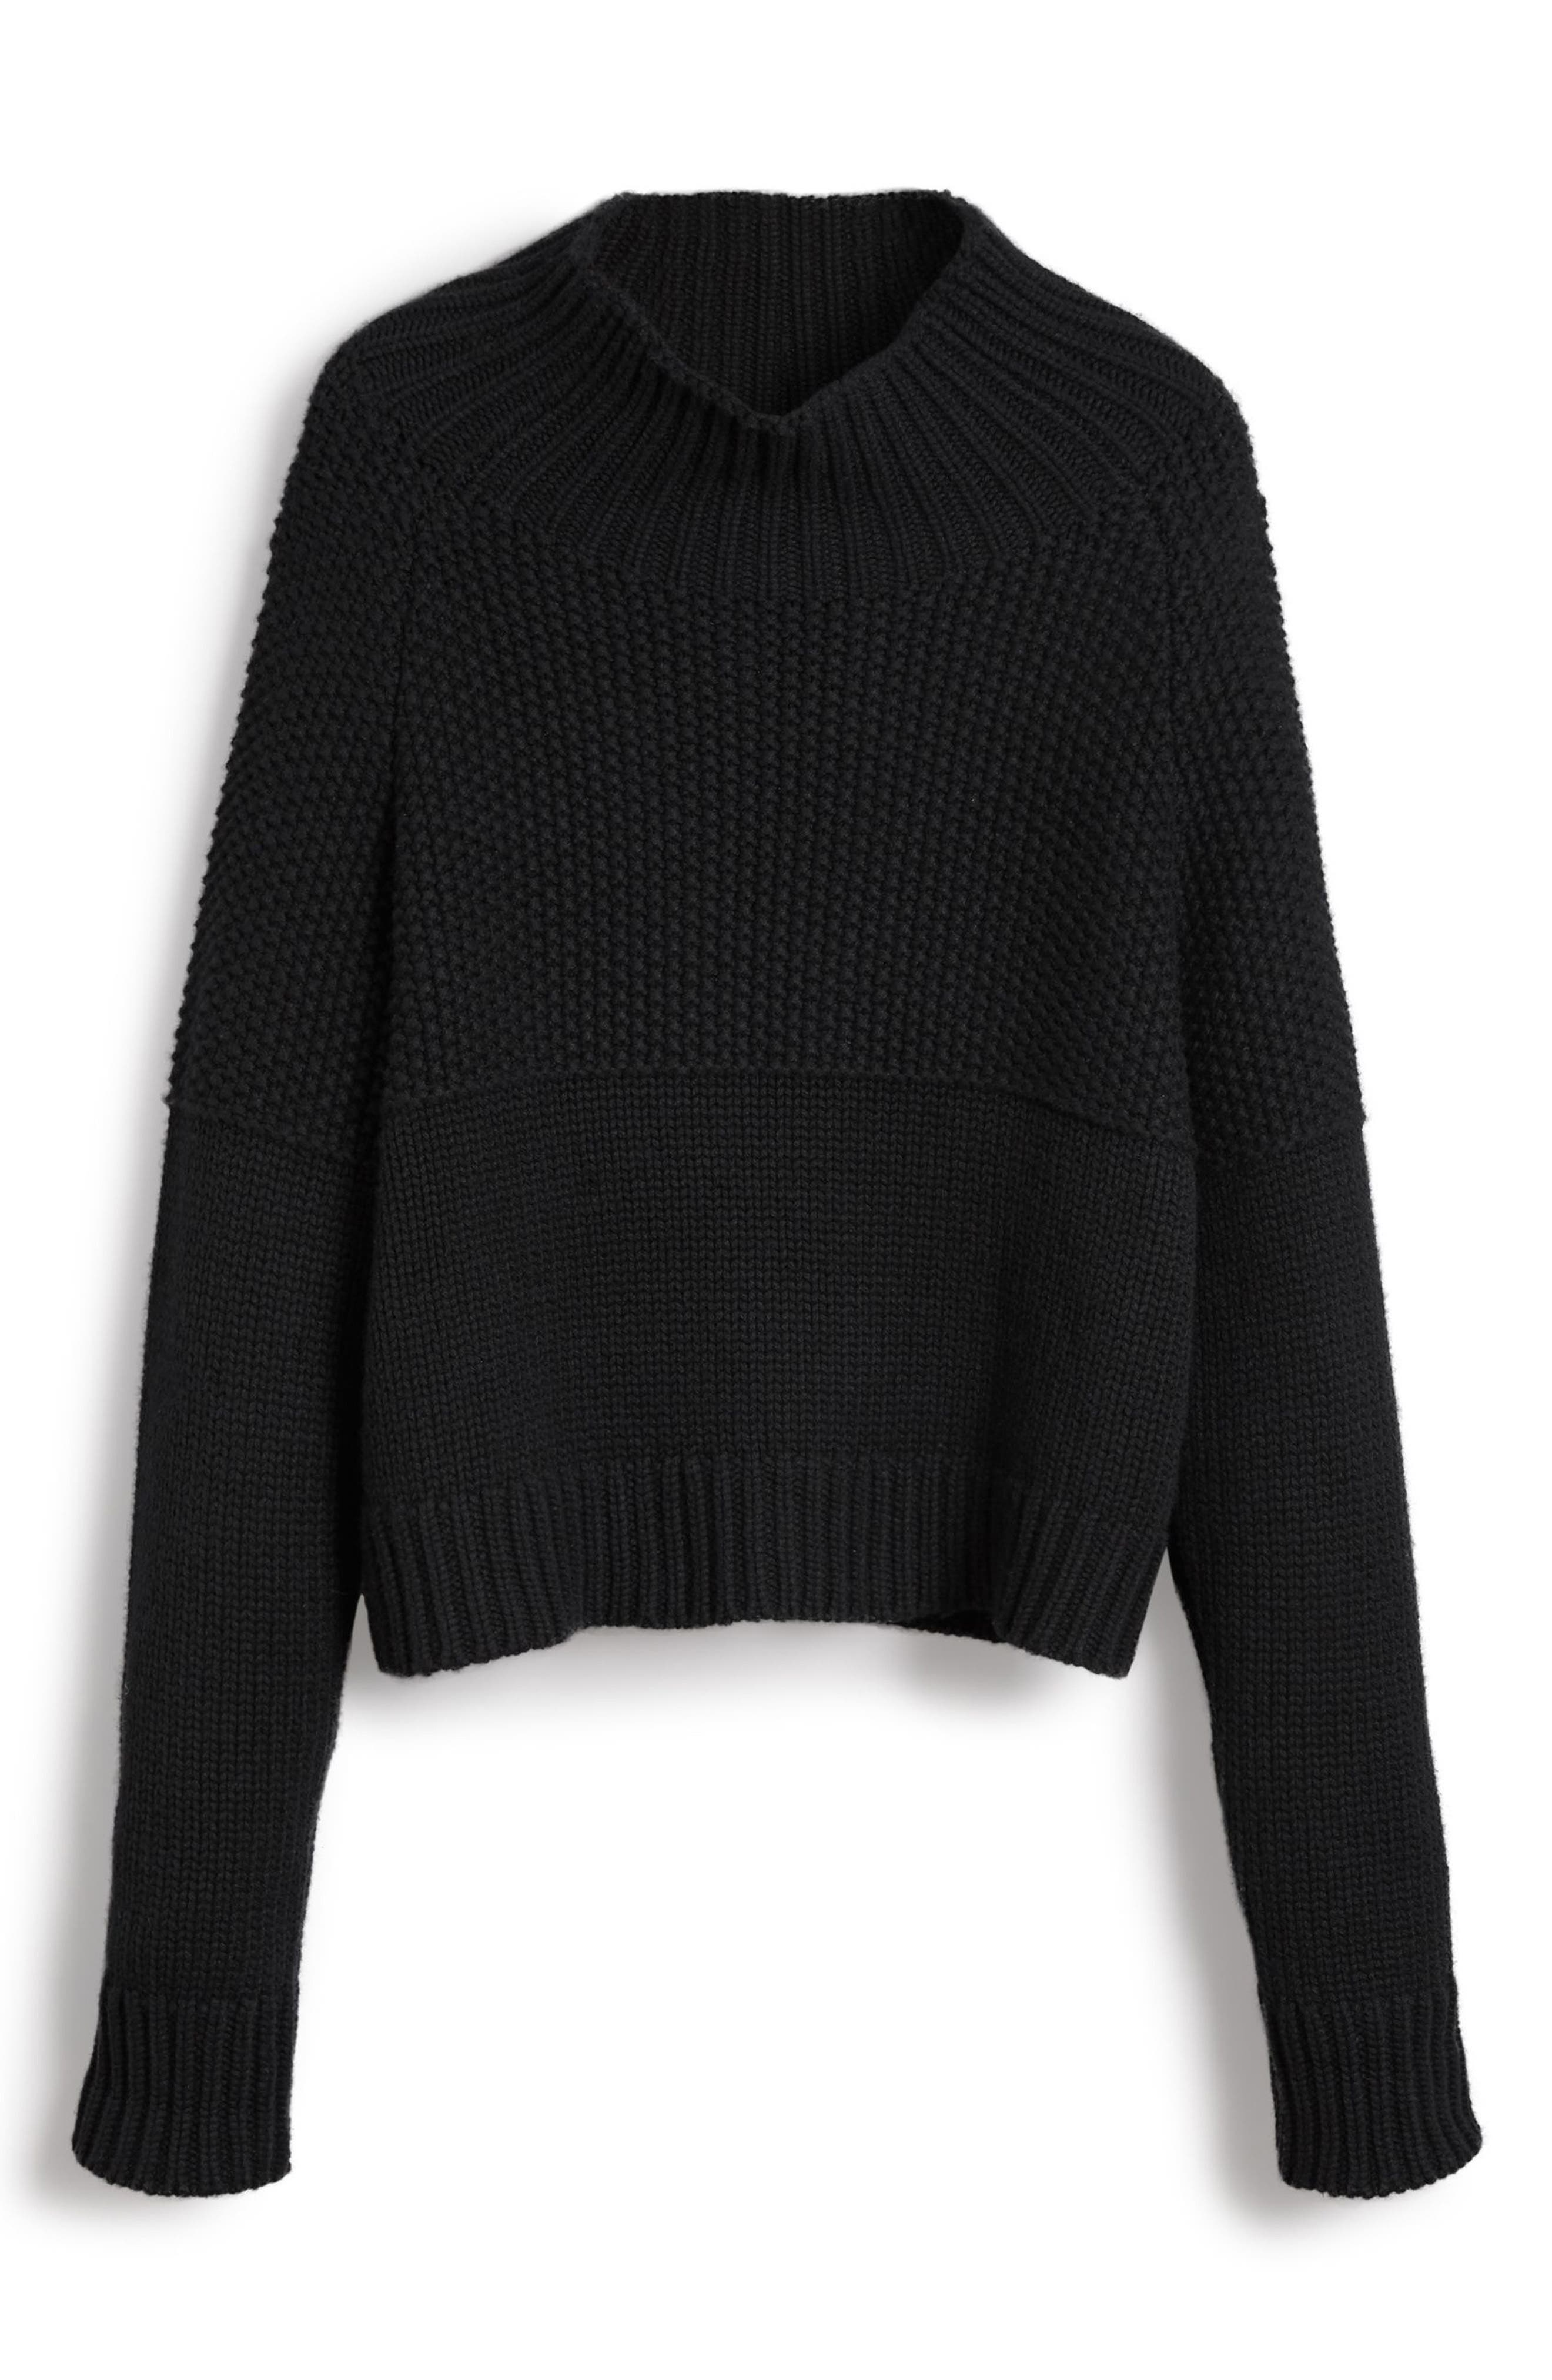 Dawson Cashmere Sweater,                         Main,                         color, Black